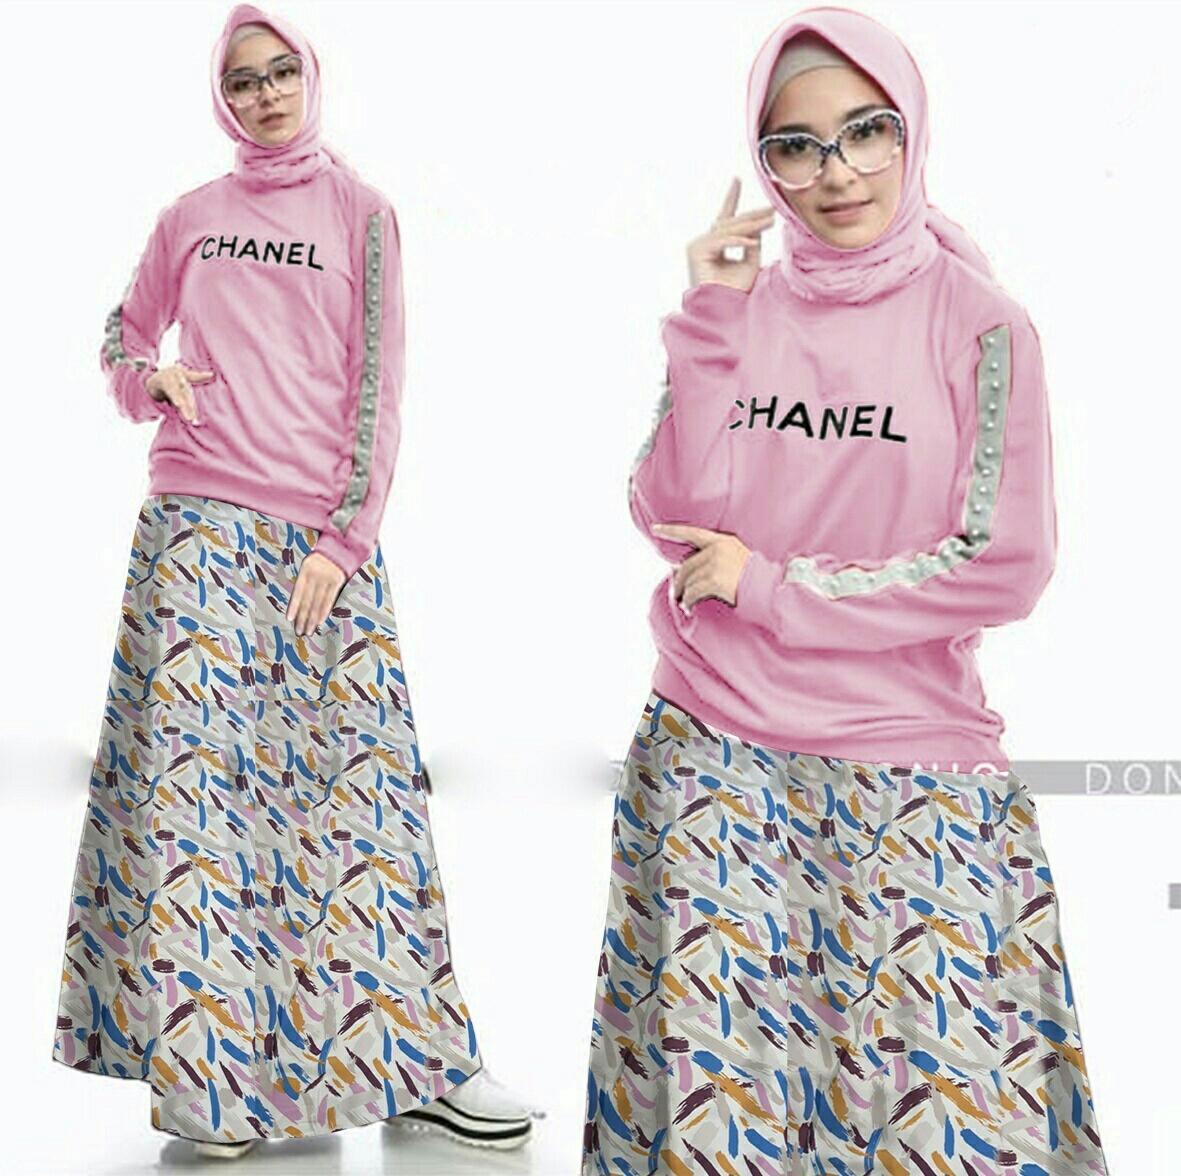 ... Modern/ Kebaya Wanita/kebaya Tradisional/. Source · Honeyclothing Baju Setelan Cewek Wanel / Setelan Wanita Masa Kini / Baju Setelan Muslimah / Setelan